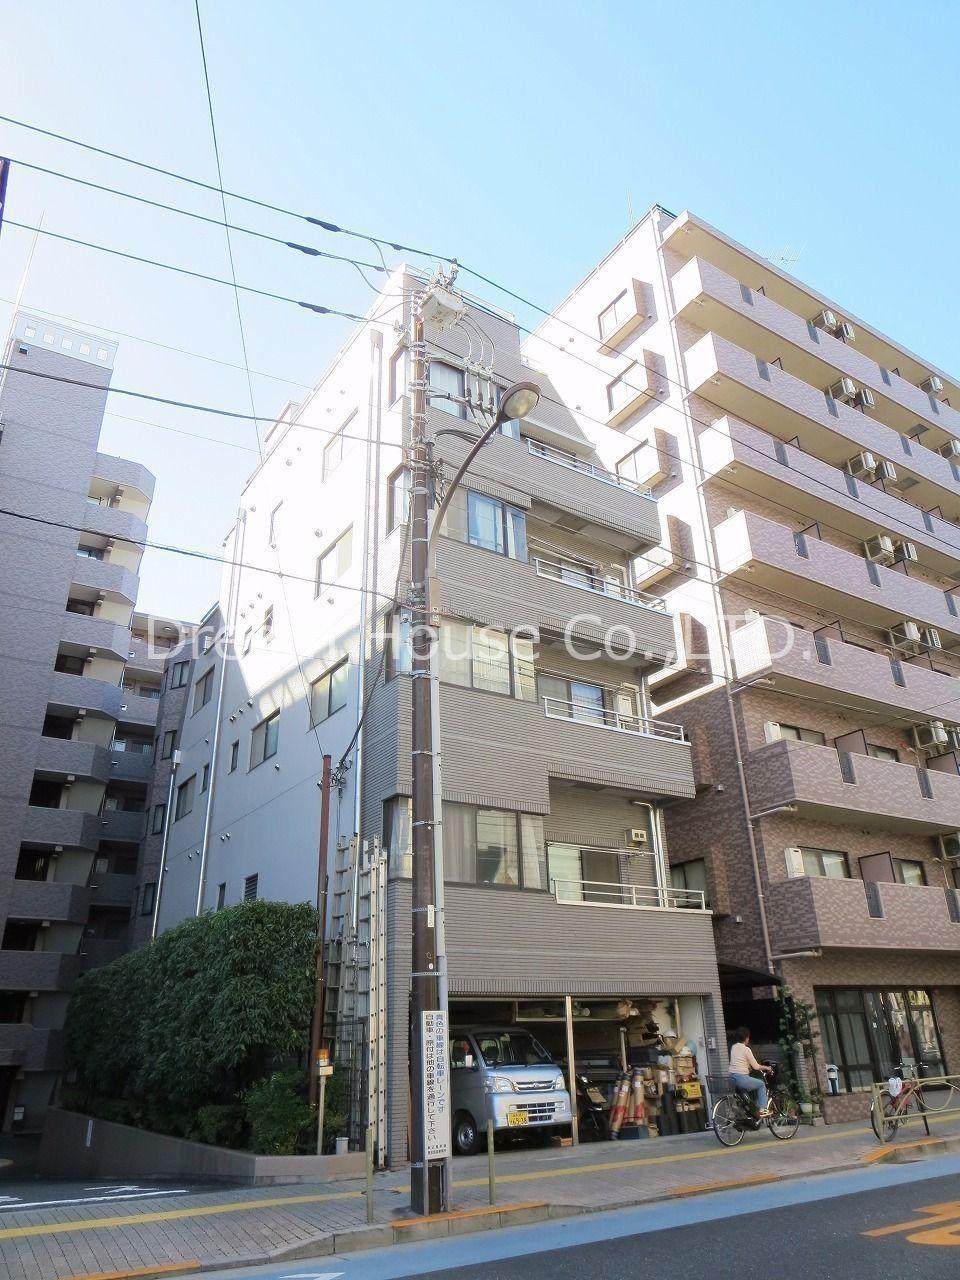 SK古沢ビルは白山駅徒歩3分の2DK賃貸マンションです。シングルでもお勧めです。